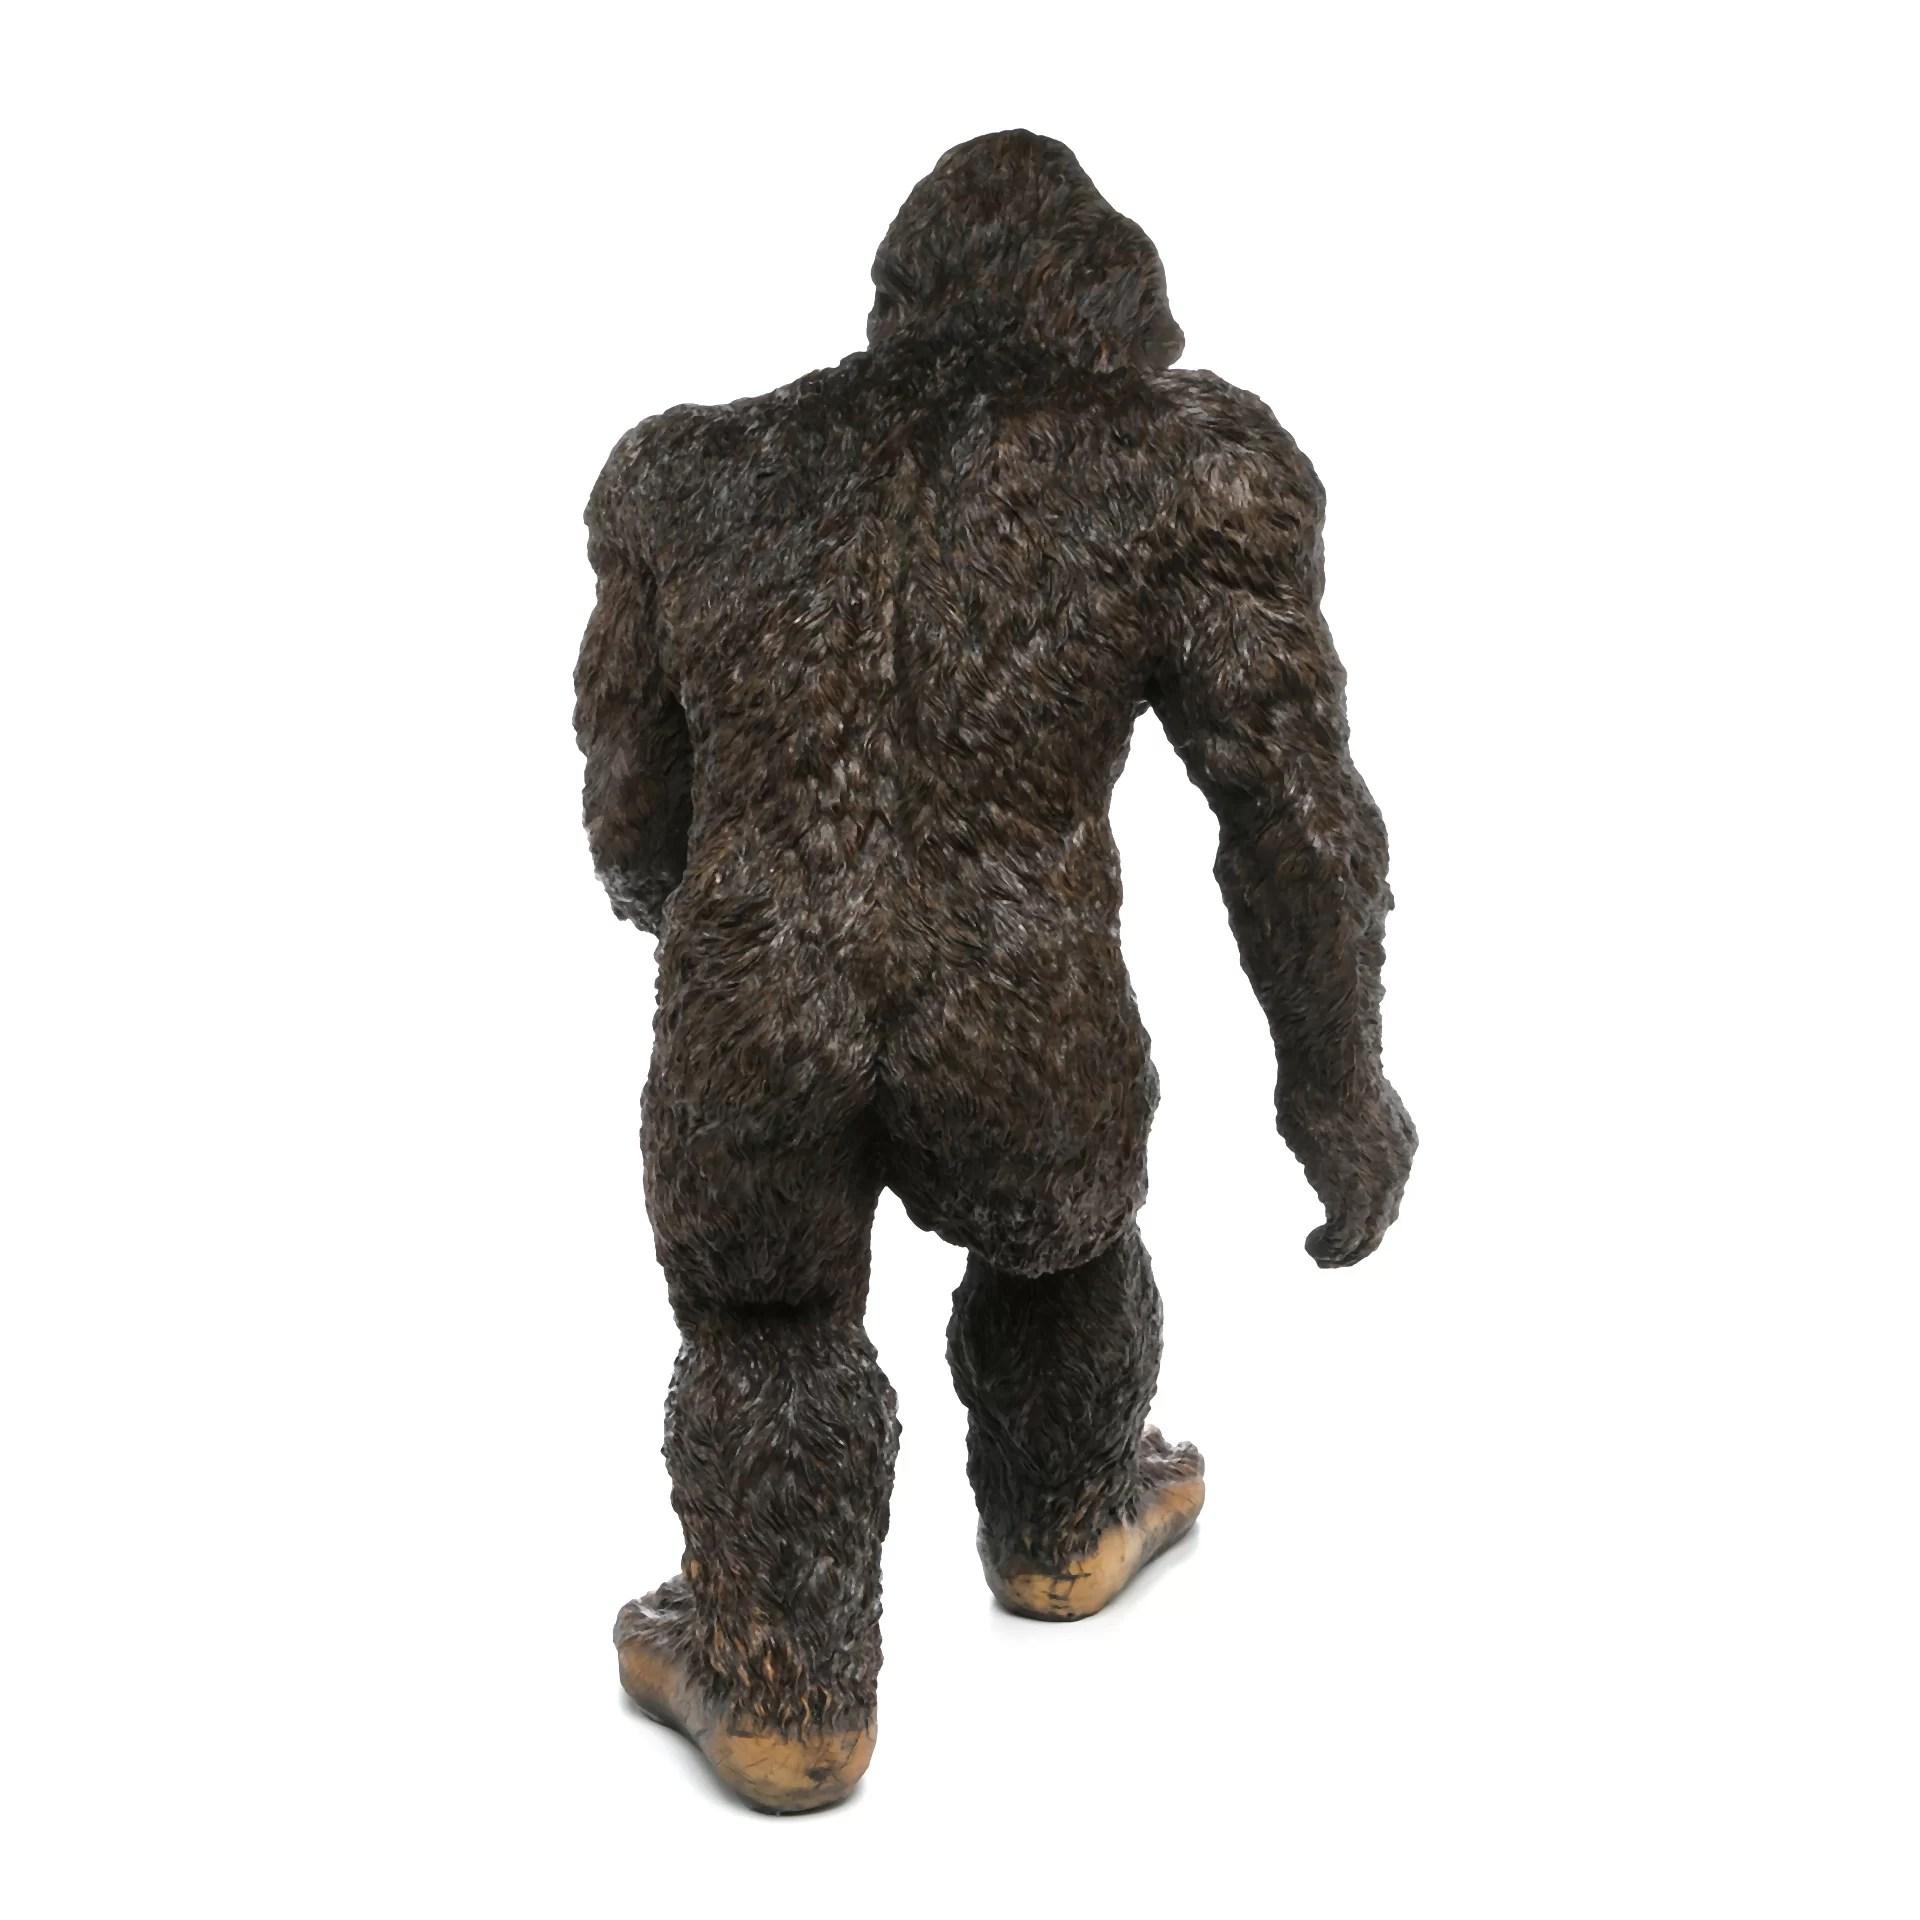 toscano bigfoot christmas ornament - Bigfoot Christmas Ornament